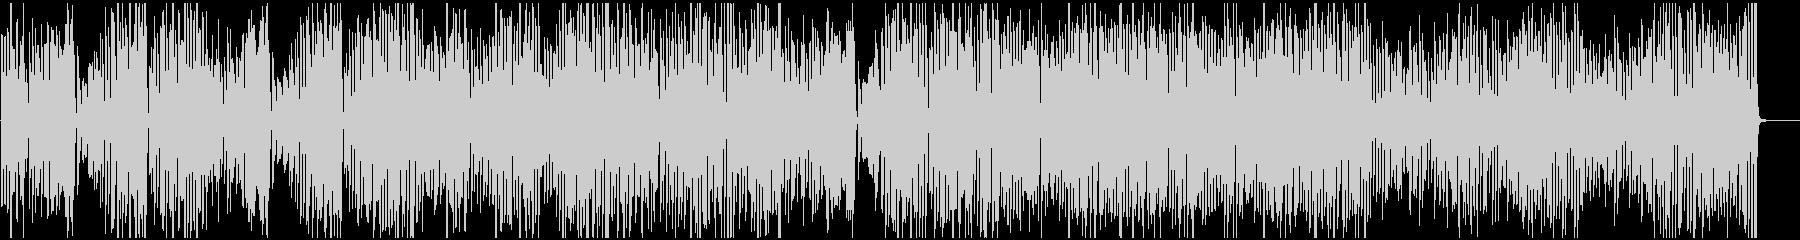 ピアノ名曲 ラグタイムで二番目に有名な曲の未再生の波形